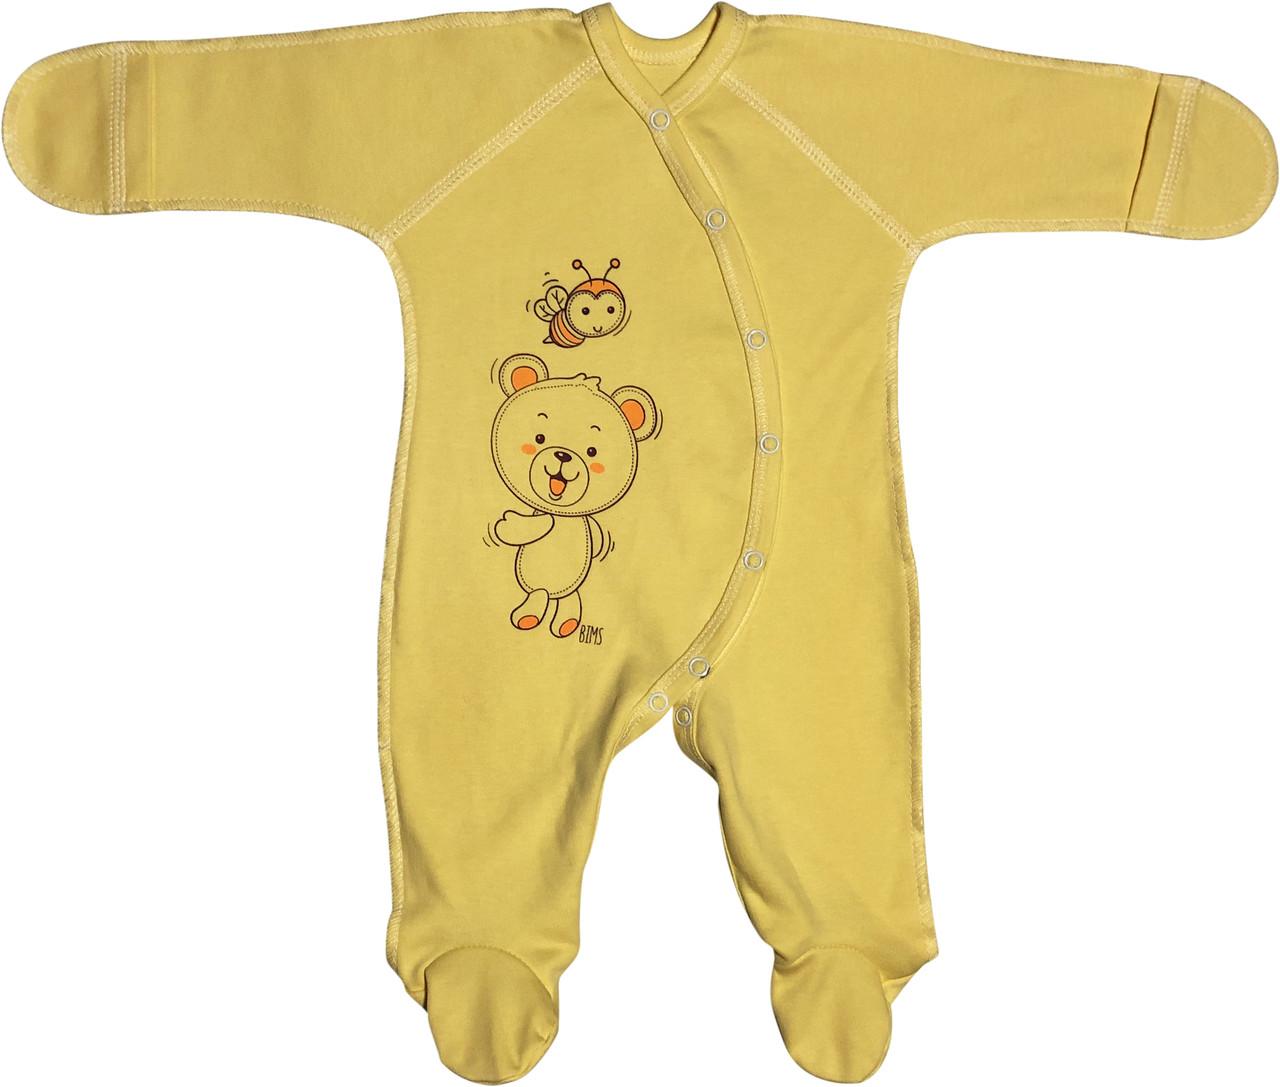 Тёплый человечек с начёсом царапками для новорожденных рост 56 0-2 мес на мальчика девочку трикотаж жёлтый